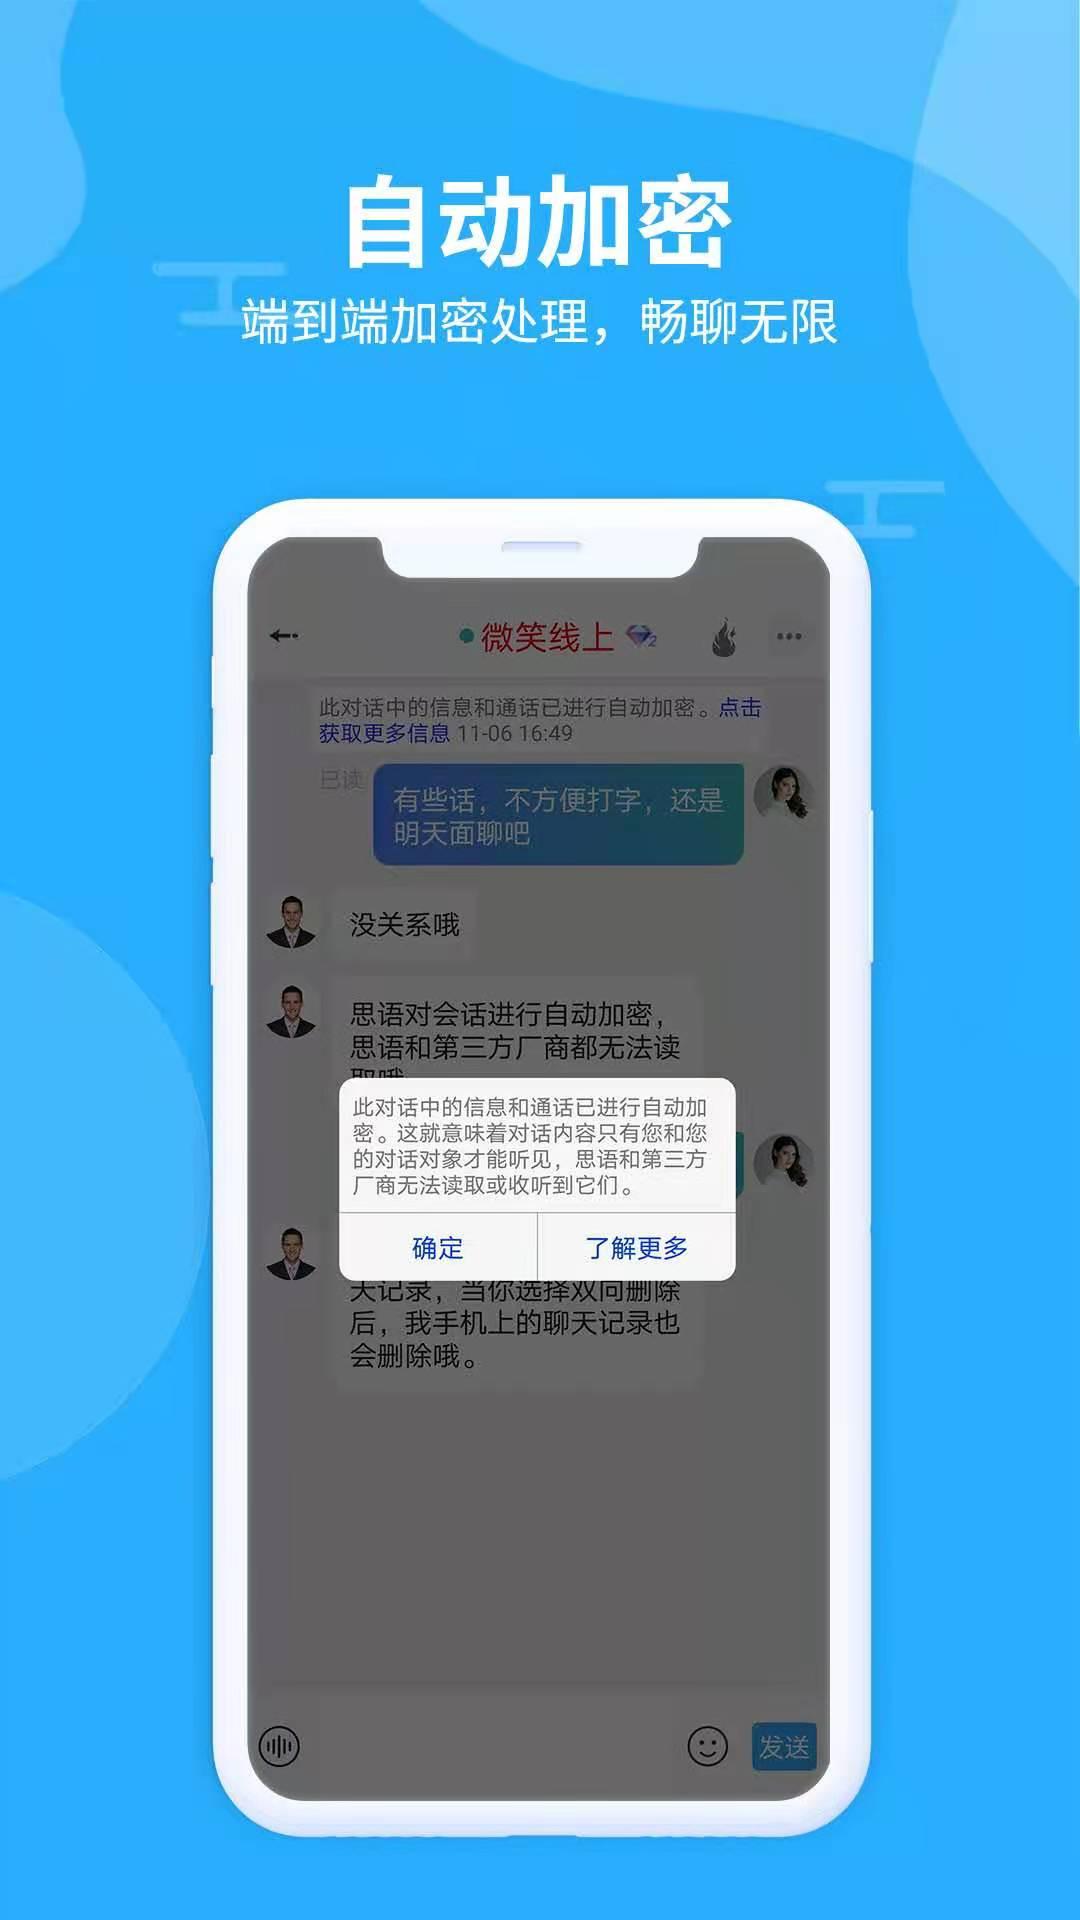 即时 通讯 通信 IM 聊天 仿微信 QQ APP 定制